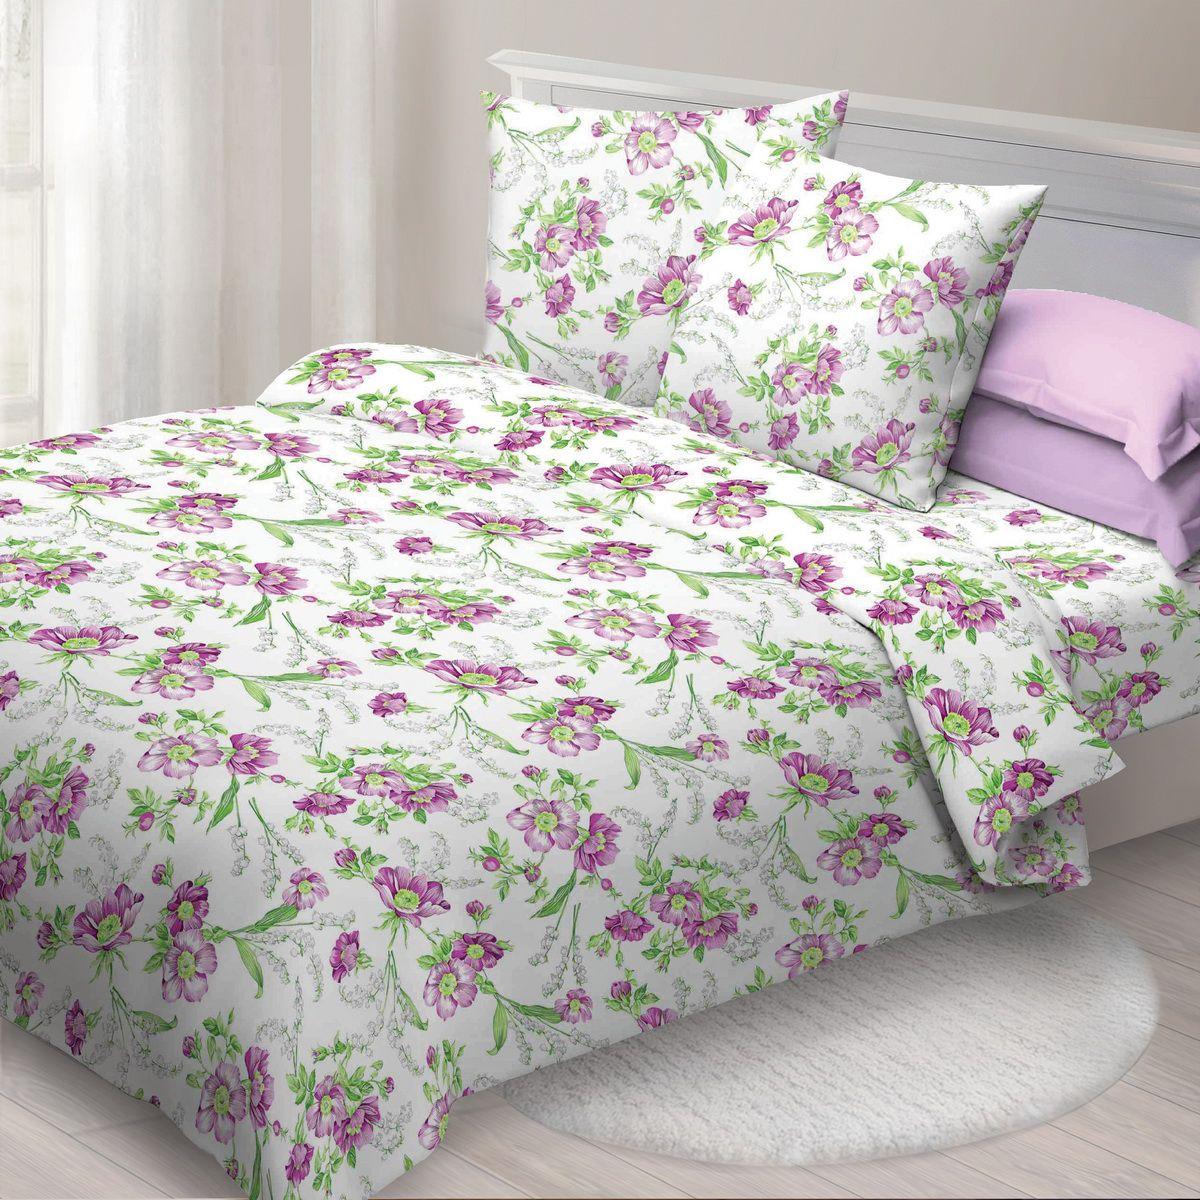 Комплект белья Спал Спалыч Монмартр, 2-спальное, наволочки 70x70, цвет: розовый88088Спал Спалыч - недорогое, но качественное постельное белье из белорусской бязи. Актуальные дизайны, авторская упаковка в сочетании с качественными материалами и приемлемой ценой - залог успеха Спал Спалыча! В ассортименте широкая линейка домашнего текстиля для всей семьи - современные дизайны современному покупателю! Ткань обработана по технологии PERFECT WAY - благодаря чему, она становится более гладкой и шелковистой. • Бязь Барановичи 100% хлопок • Плотность ткани - 125 гр/кв.м.